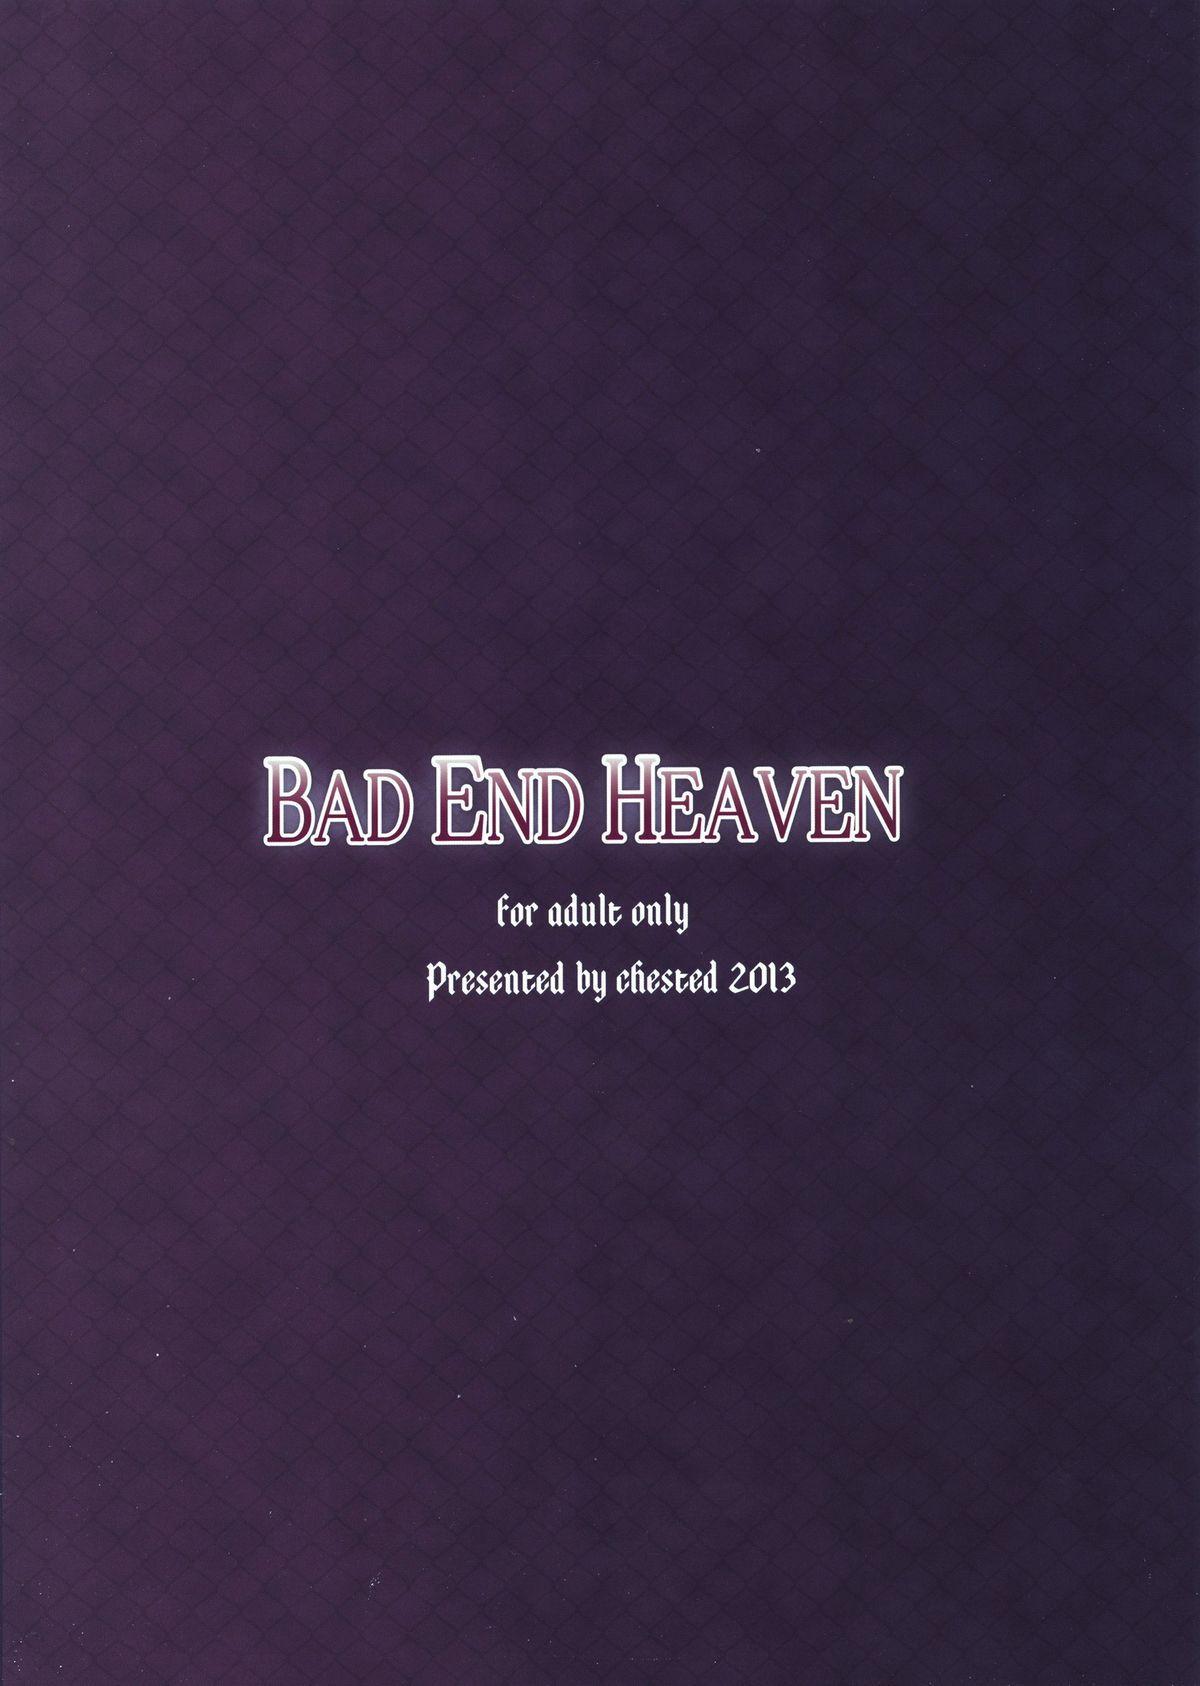 BAD END HEAVEN 29